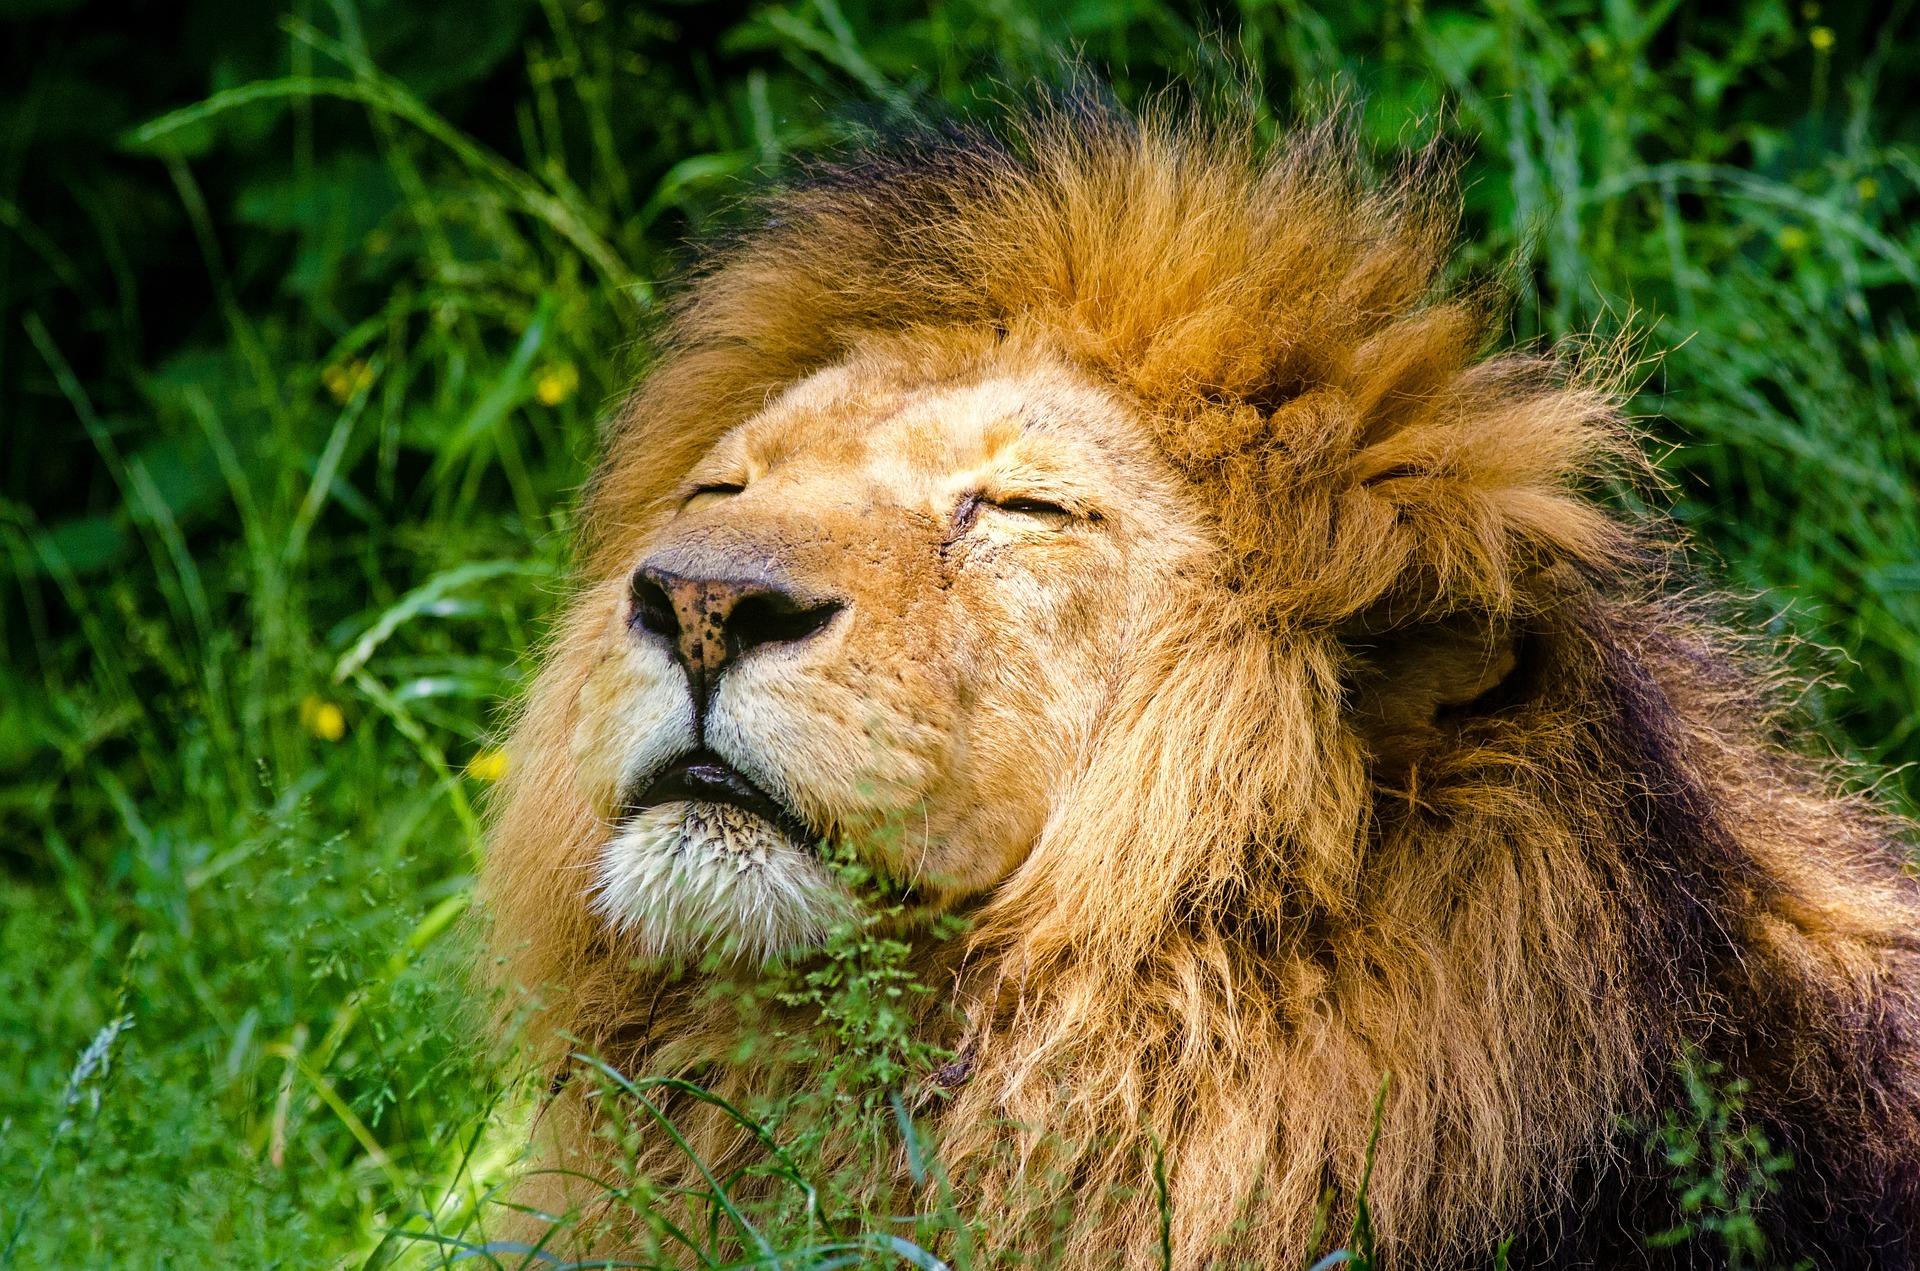 foto di leone nella giungla